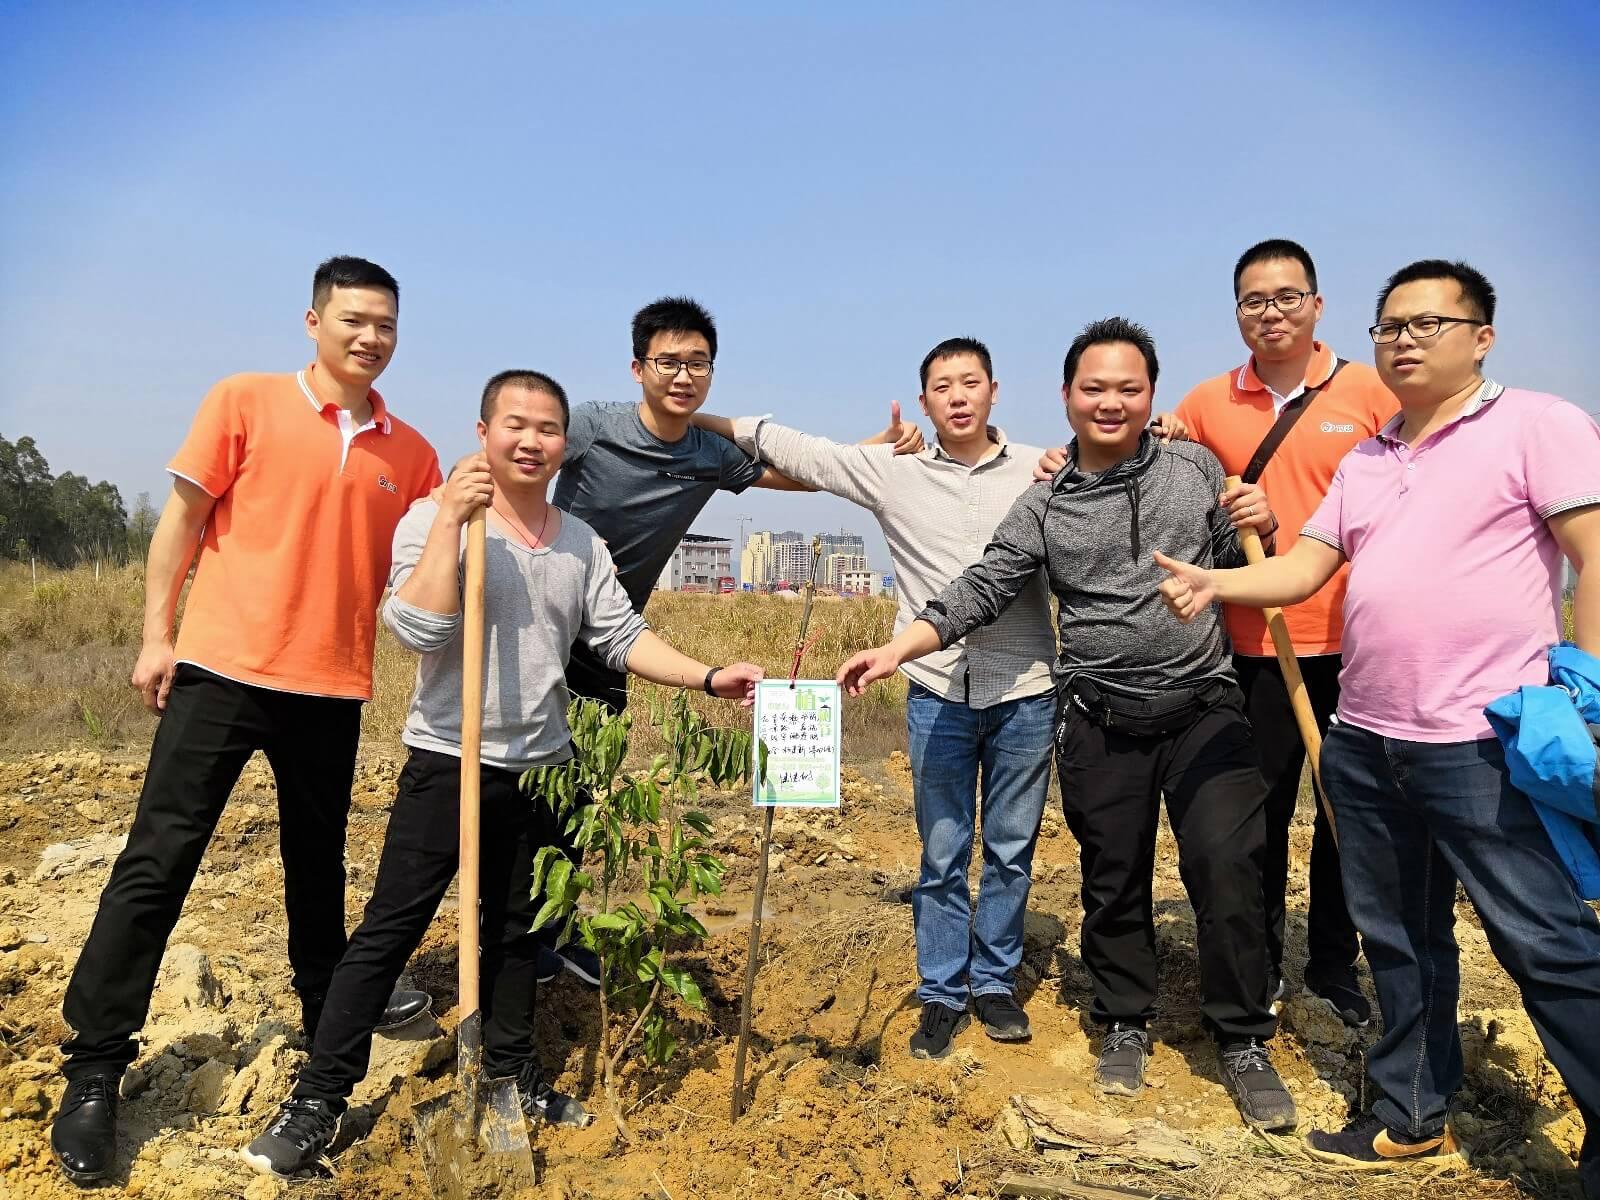 3月12号恰逢植树节,学员和导师们走到山间,合力种下一棵棵绿树,期待公司能够像这些茁壮的树苗一样不断成长壮大。